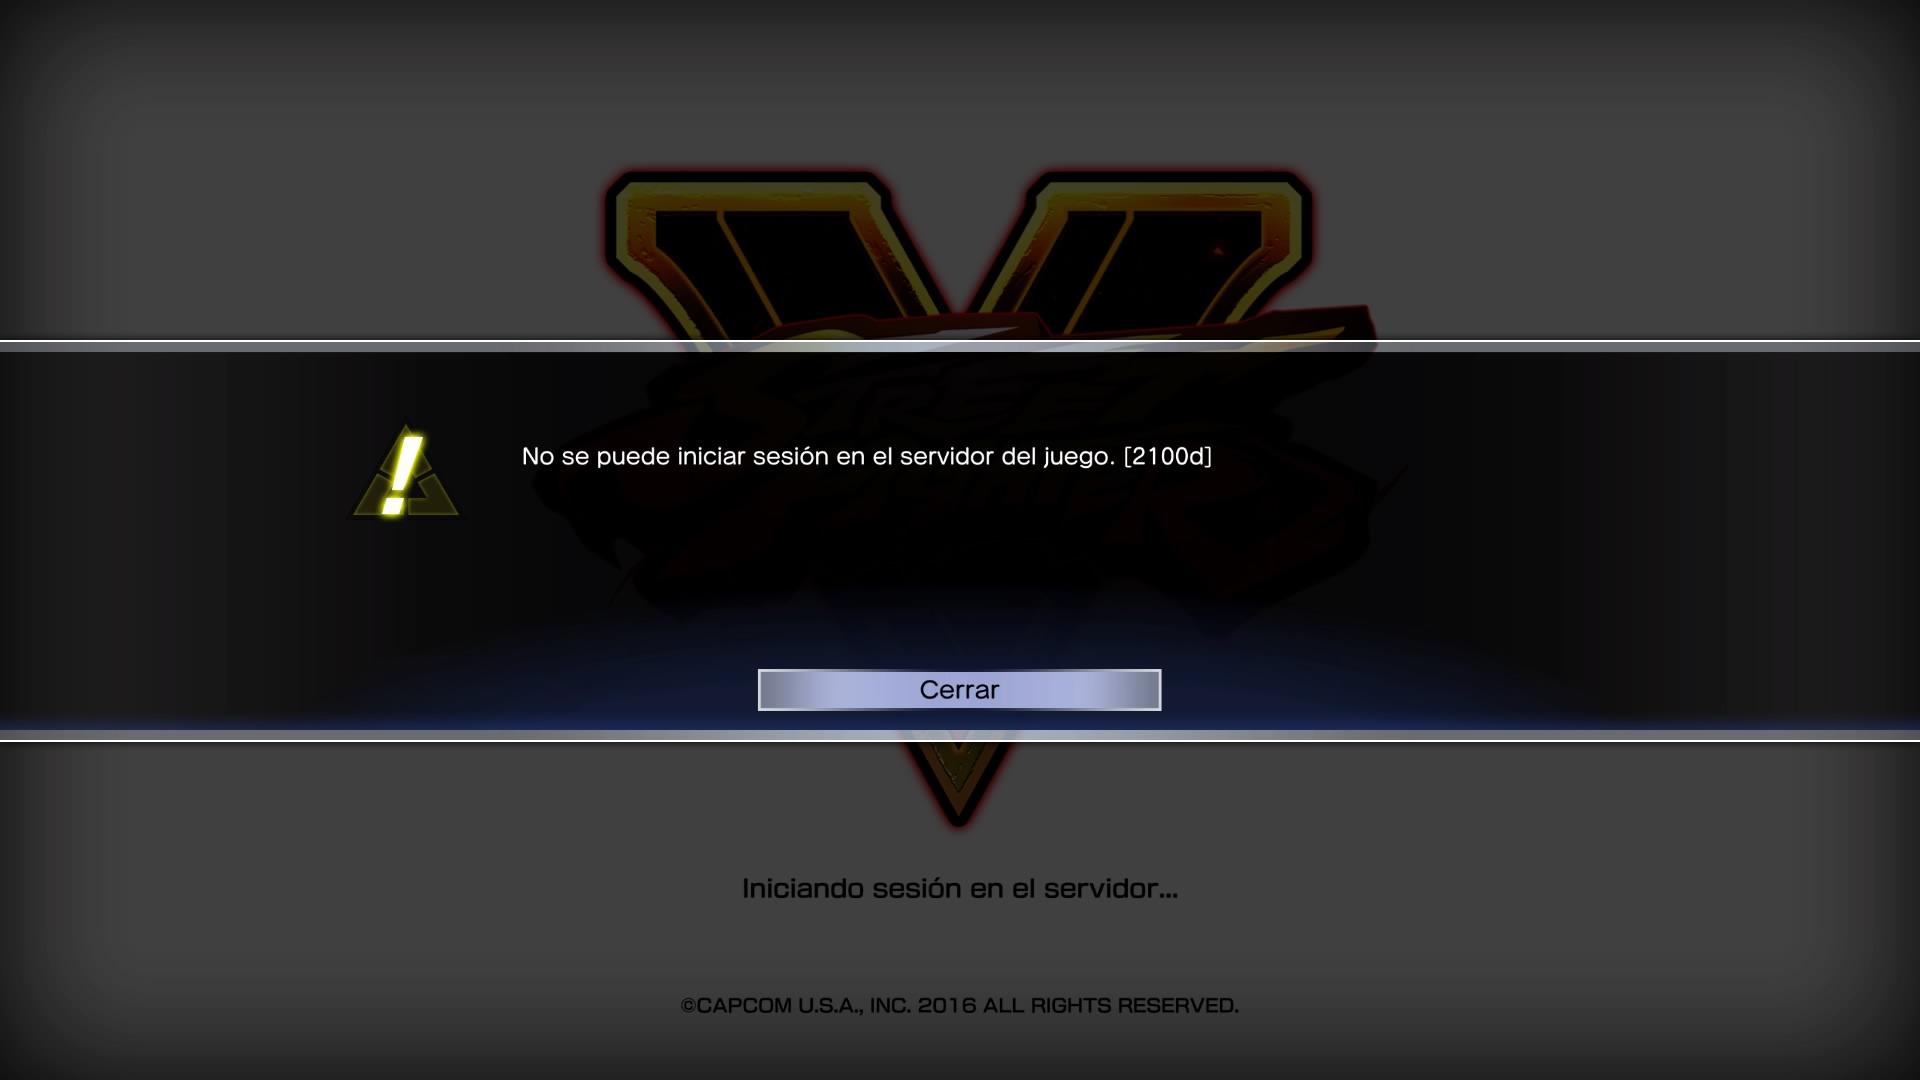 Ya familiarizado con este mensaje a la hora de intentar conectar a los servidores y que estén en mantenimiento...